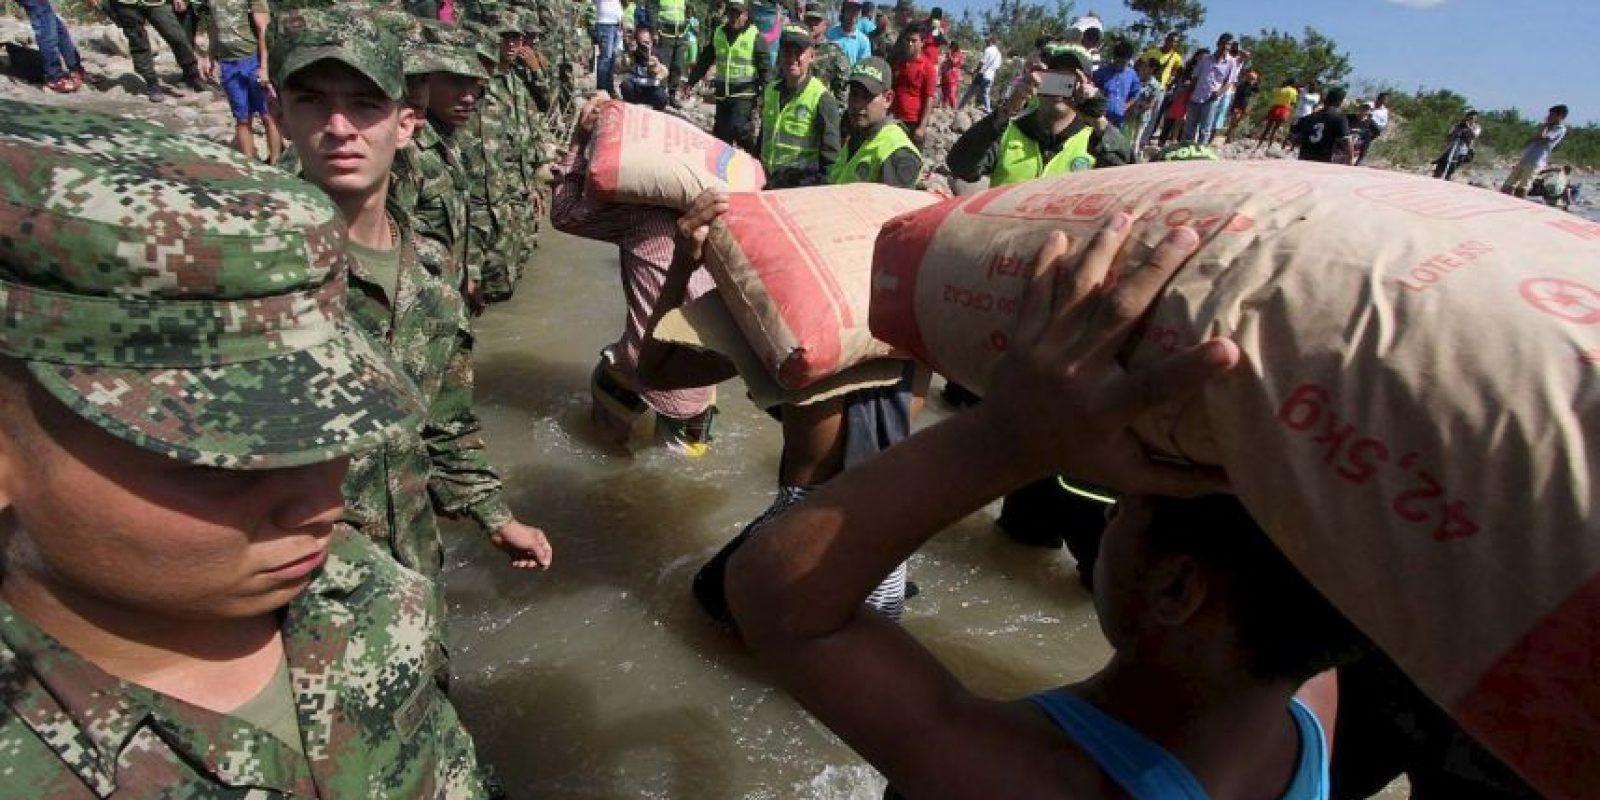 El presidente de Venezuela Nicolás Maduro ordenó el cierre de la frontera con Colombia. Foto:AFP